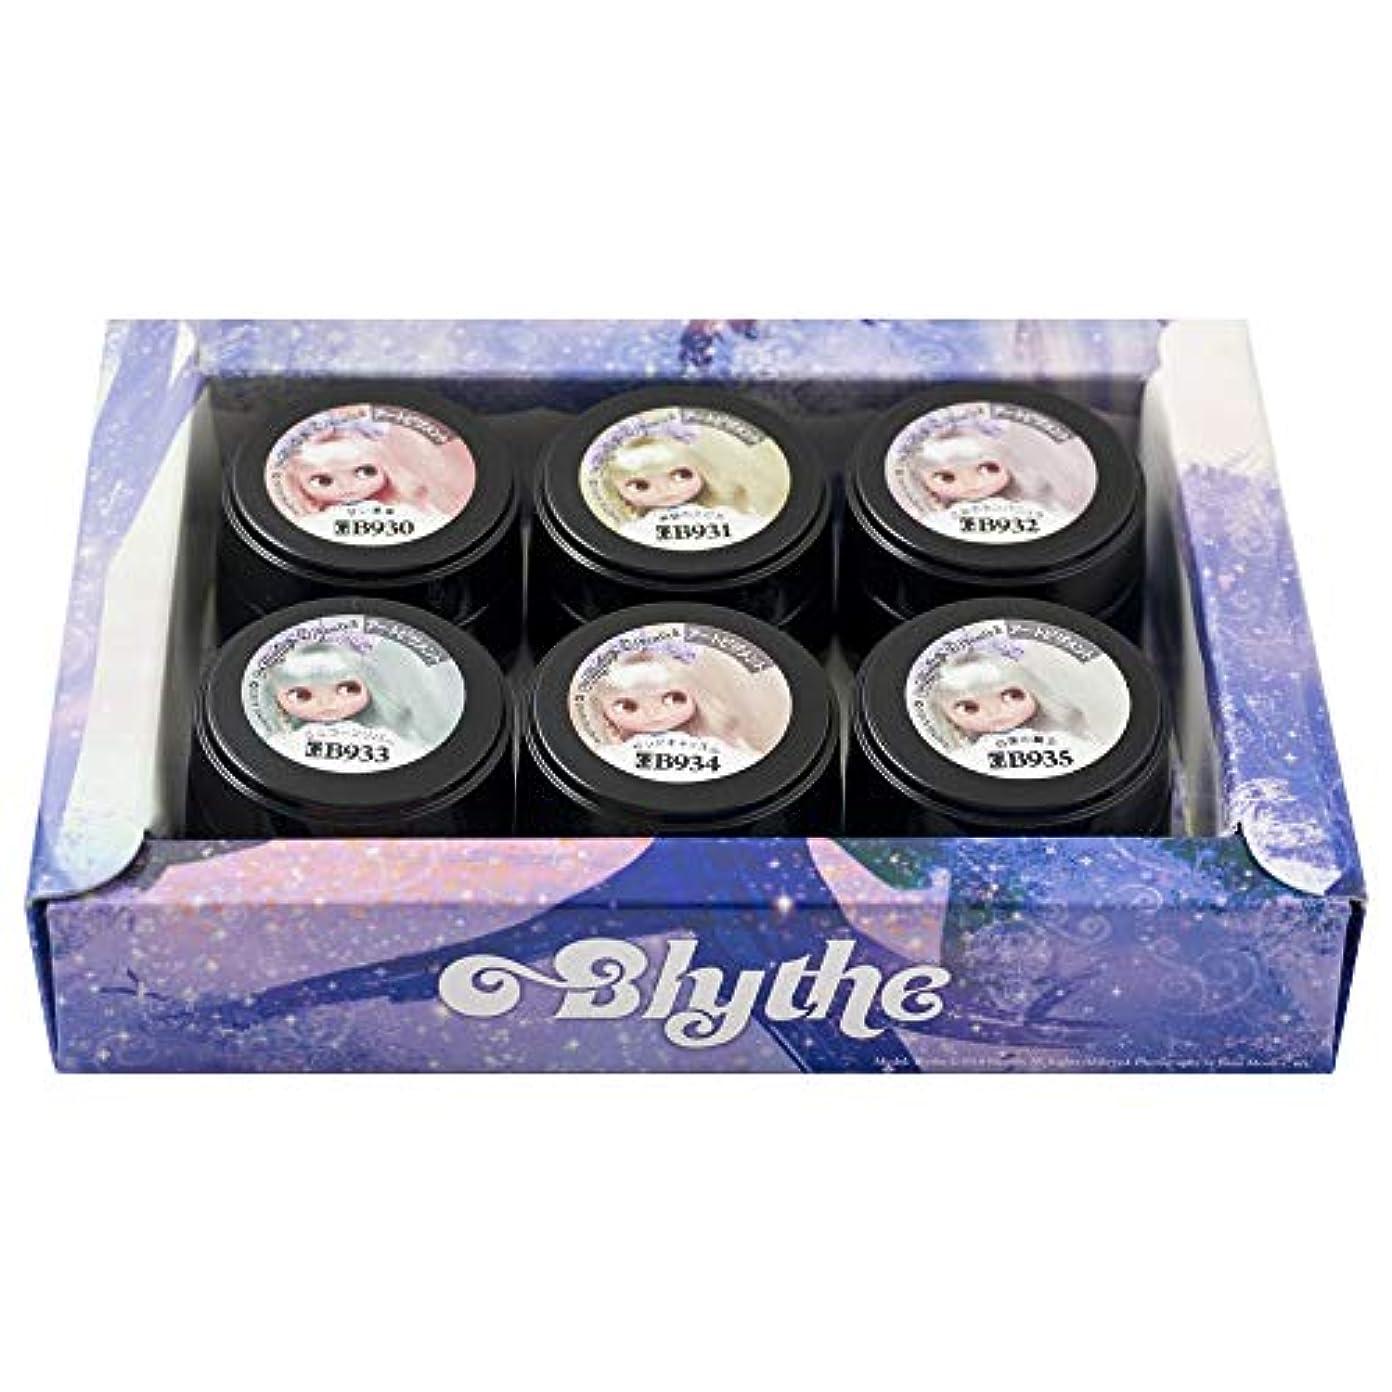 とげピカリング集中的なPRE GEL(プリジェル) PRE GEL プリムドール ユニコーンメイデン6色セット UV/LED対応 ジェルネイル 3g×6個